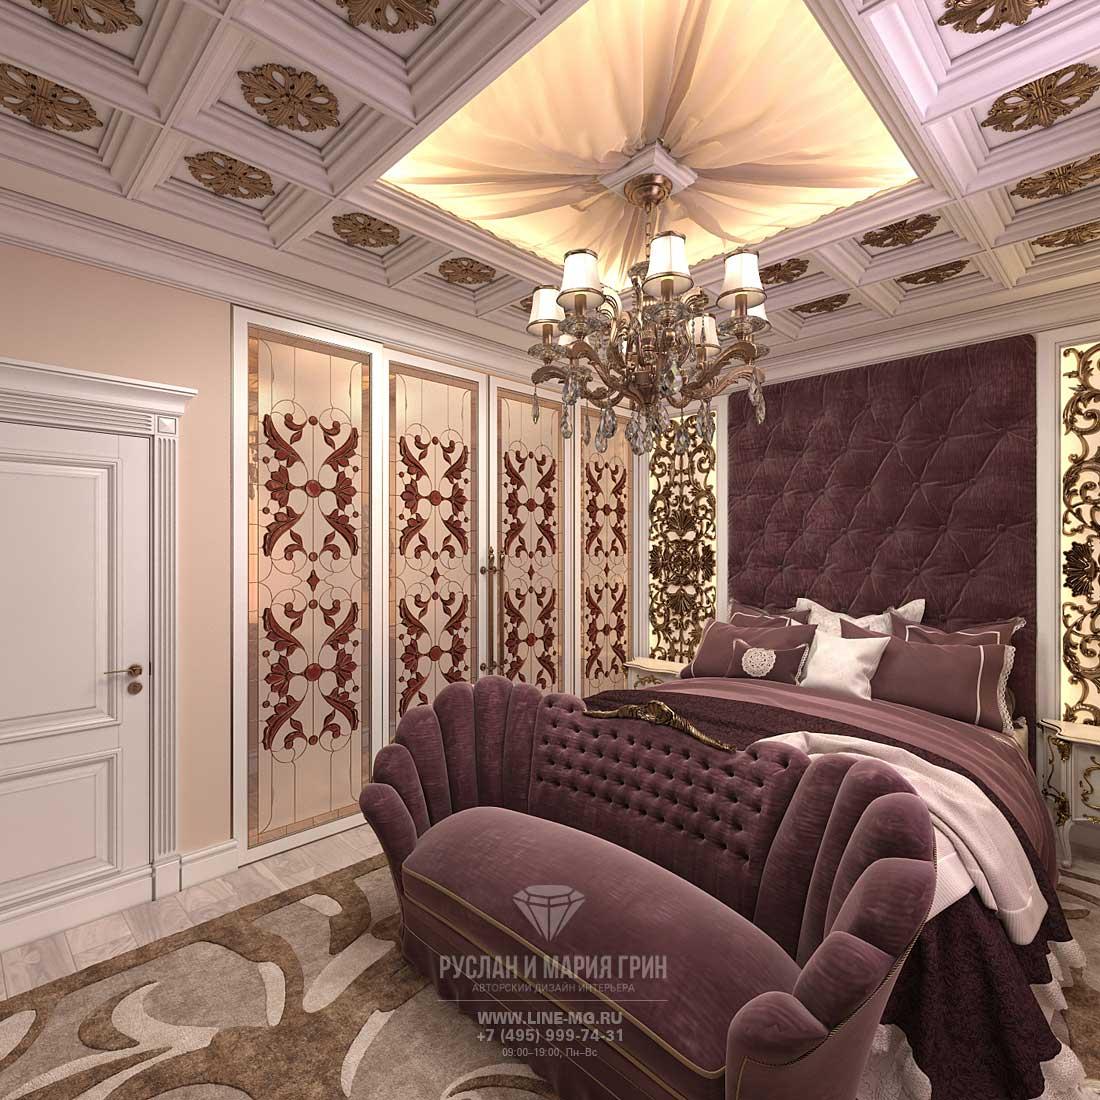 Дизайн спальни в стиле модерн: фото интерьера 2016